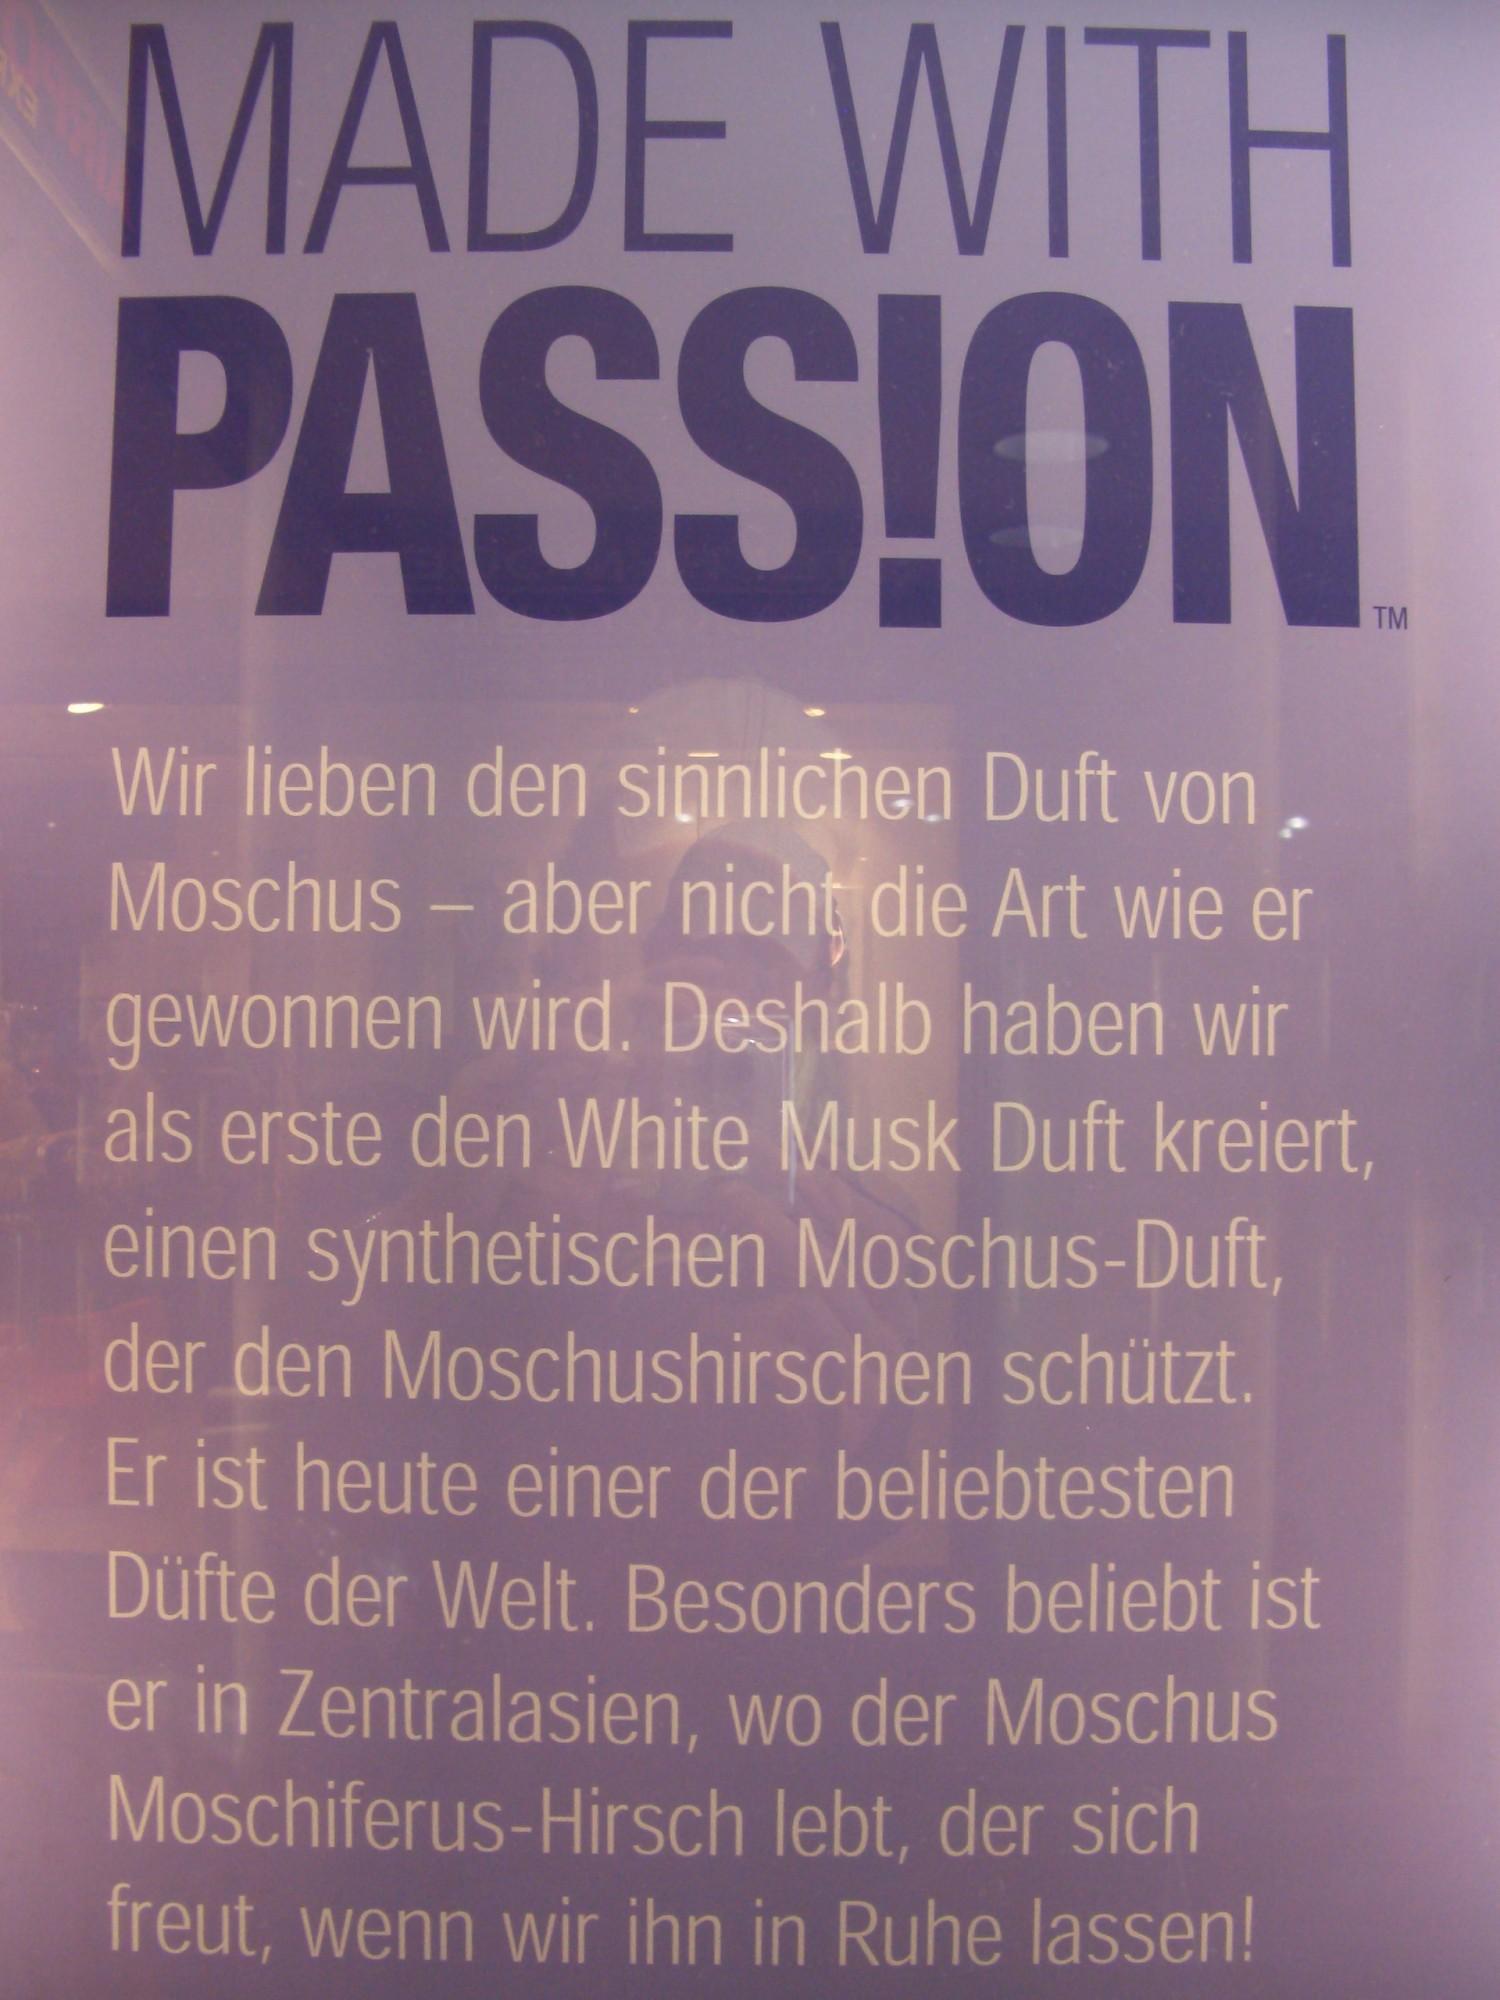 Made with Passion - Wir lieben den sinnlichen Duft von Moschus